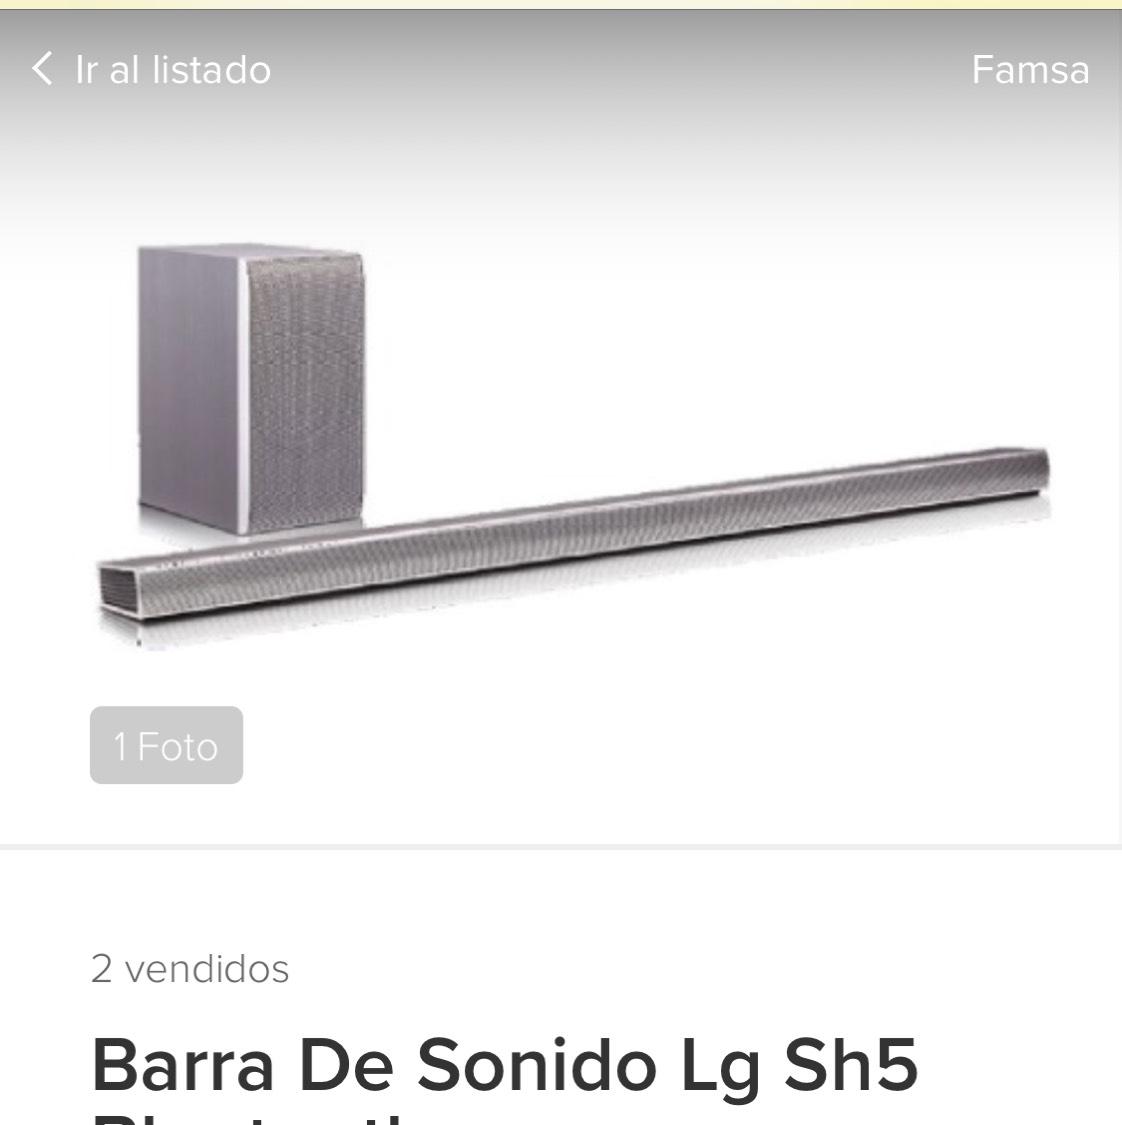 Tienda Famsa en MercadoLibre: Barra de sonido LG SH5 320W    $2002